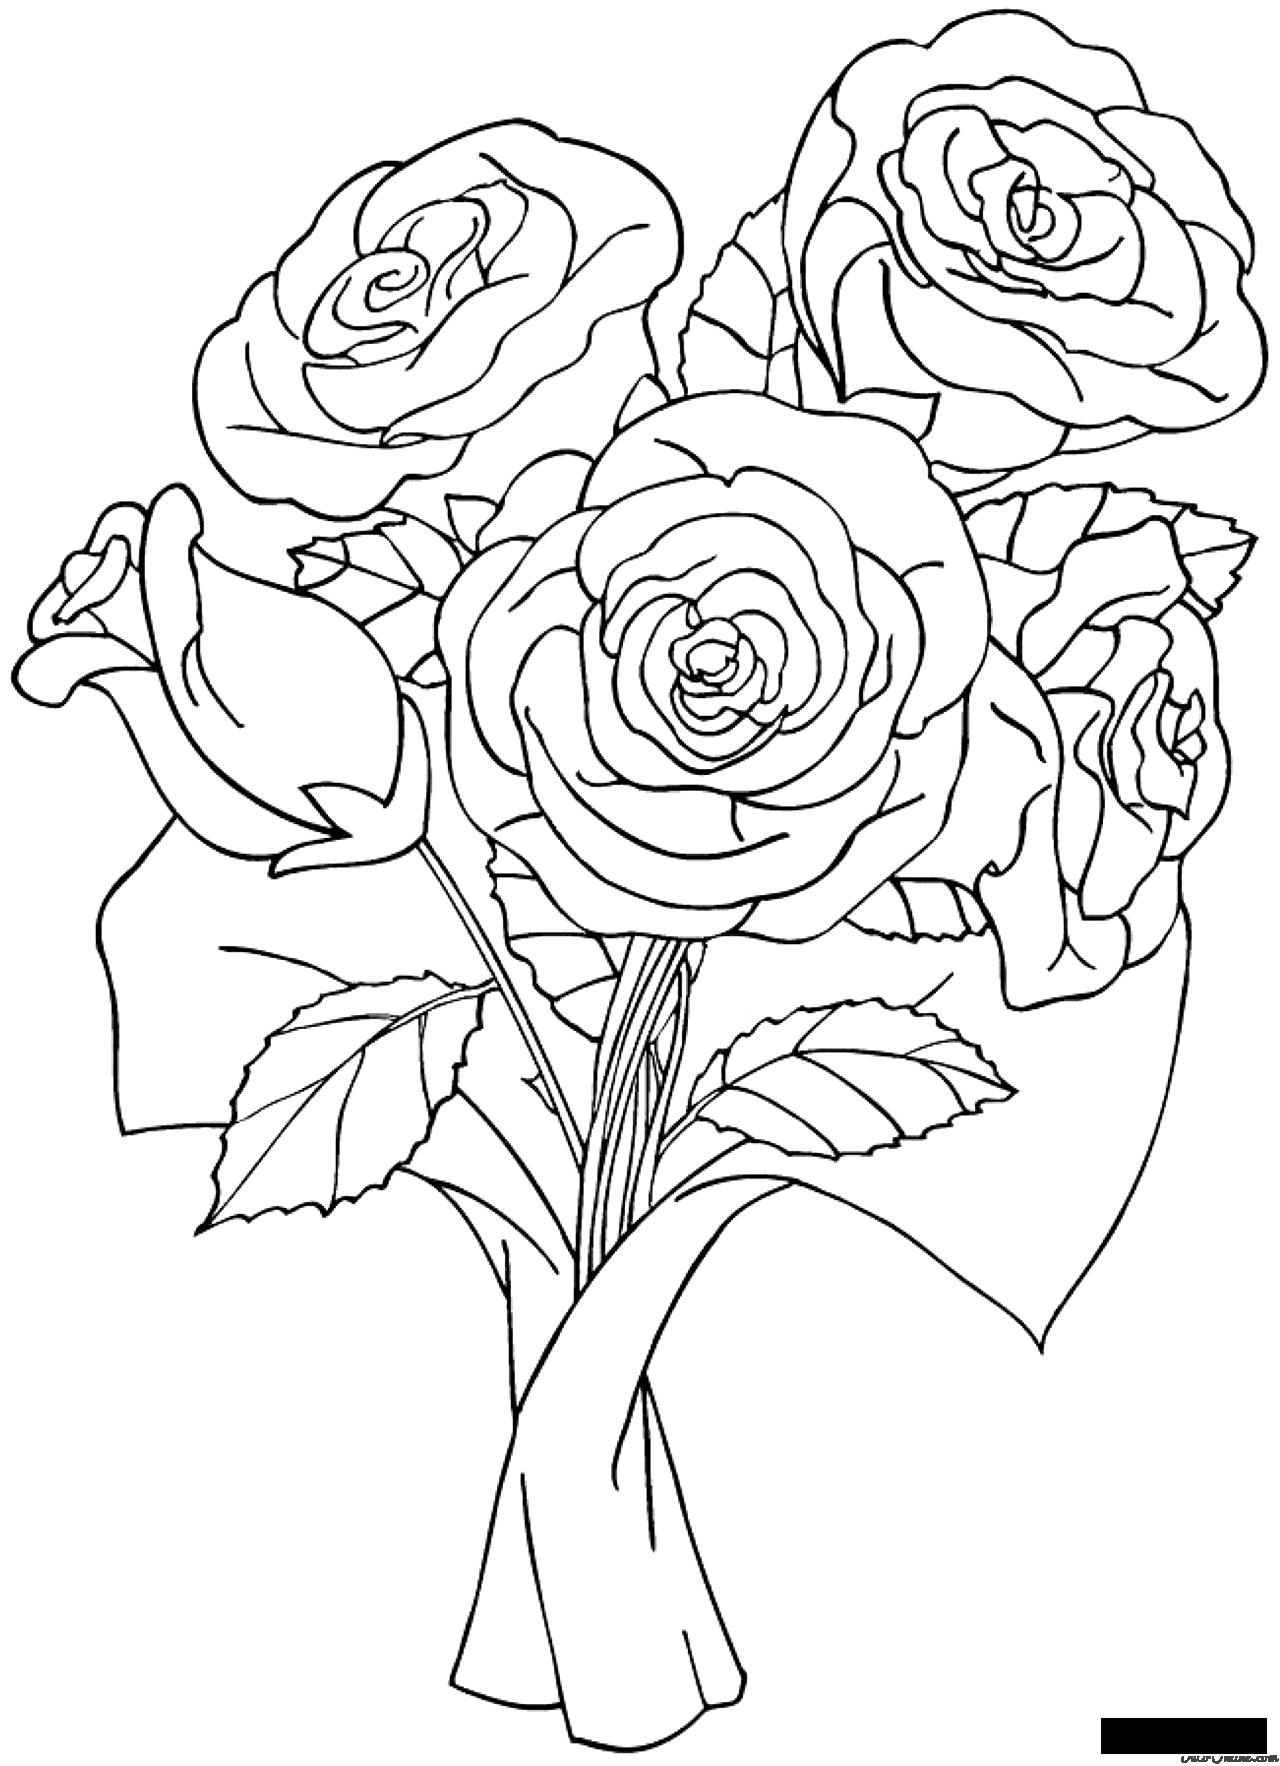 розы Раскраски распечатать бесплатно.